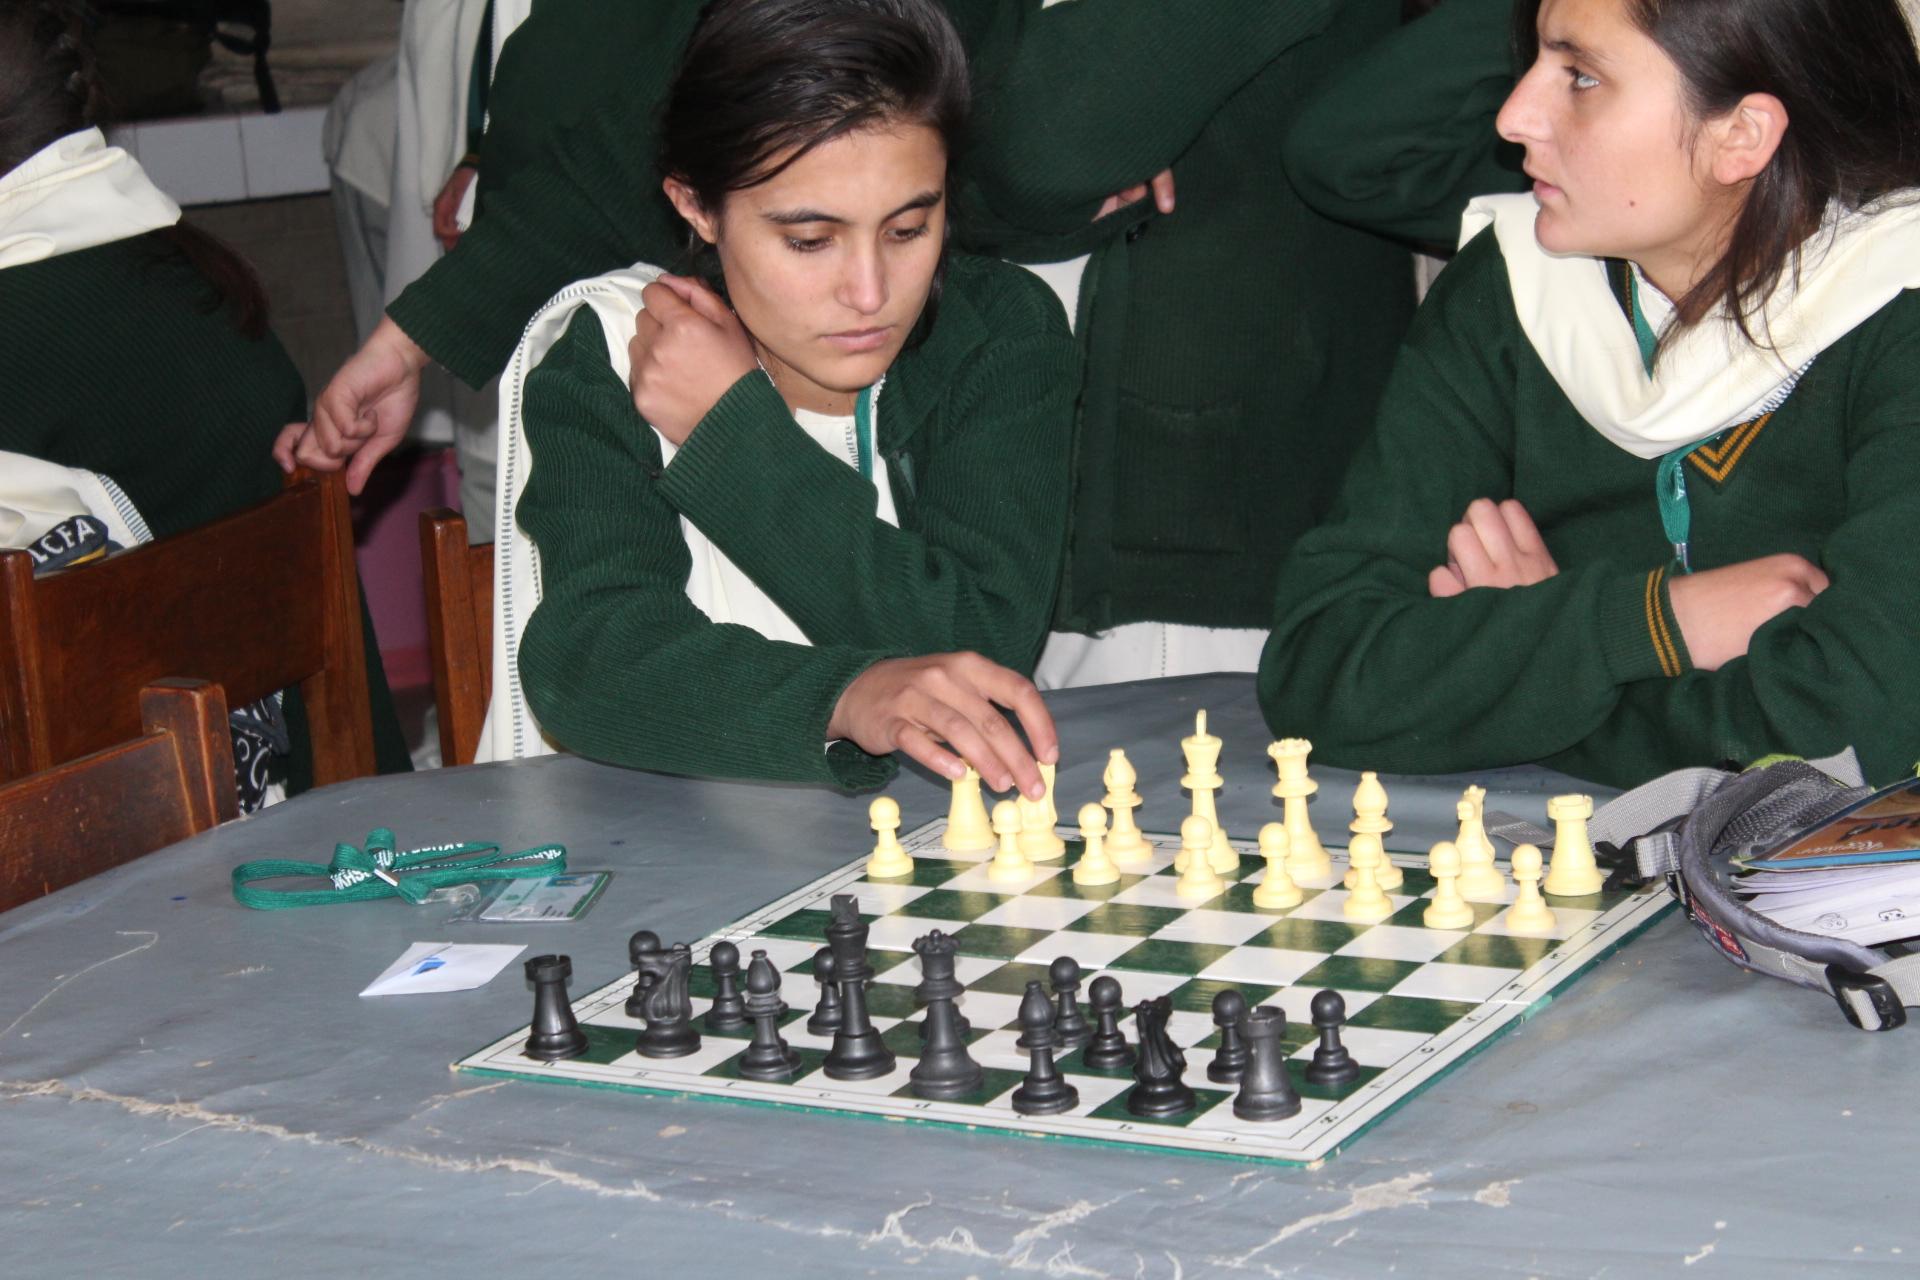 گلگت بلتستان کے مختلف سکولوں میں شطرنج کے مقابلے